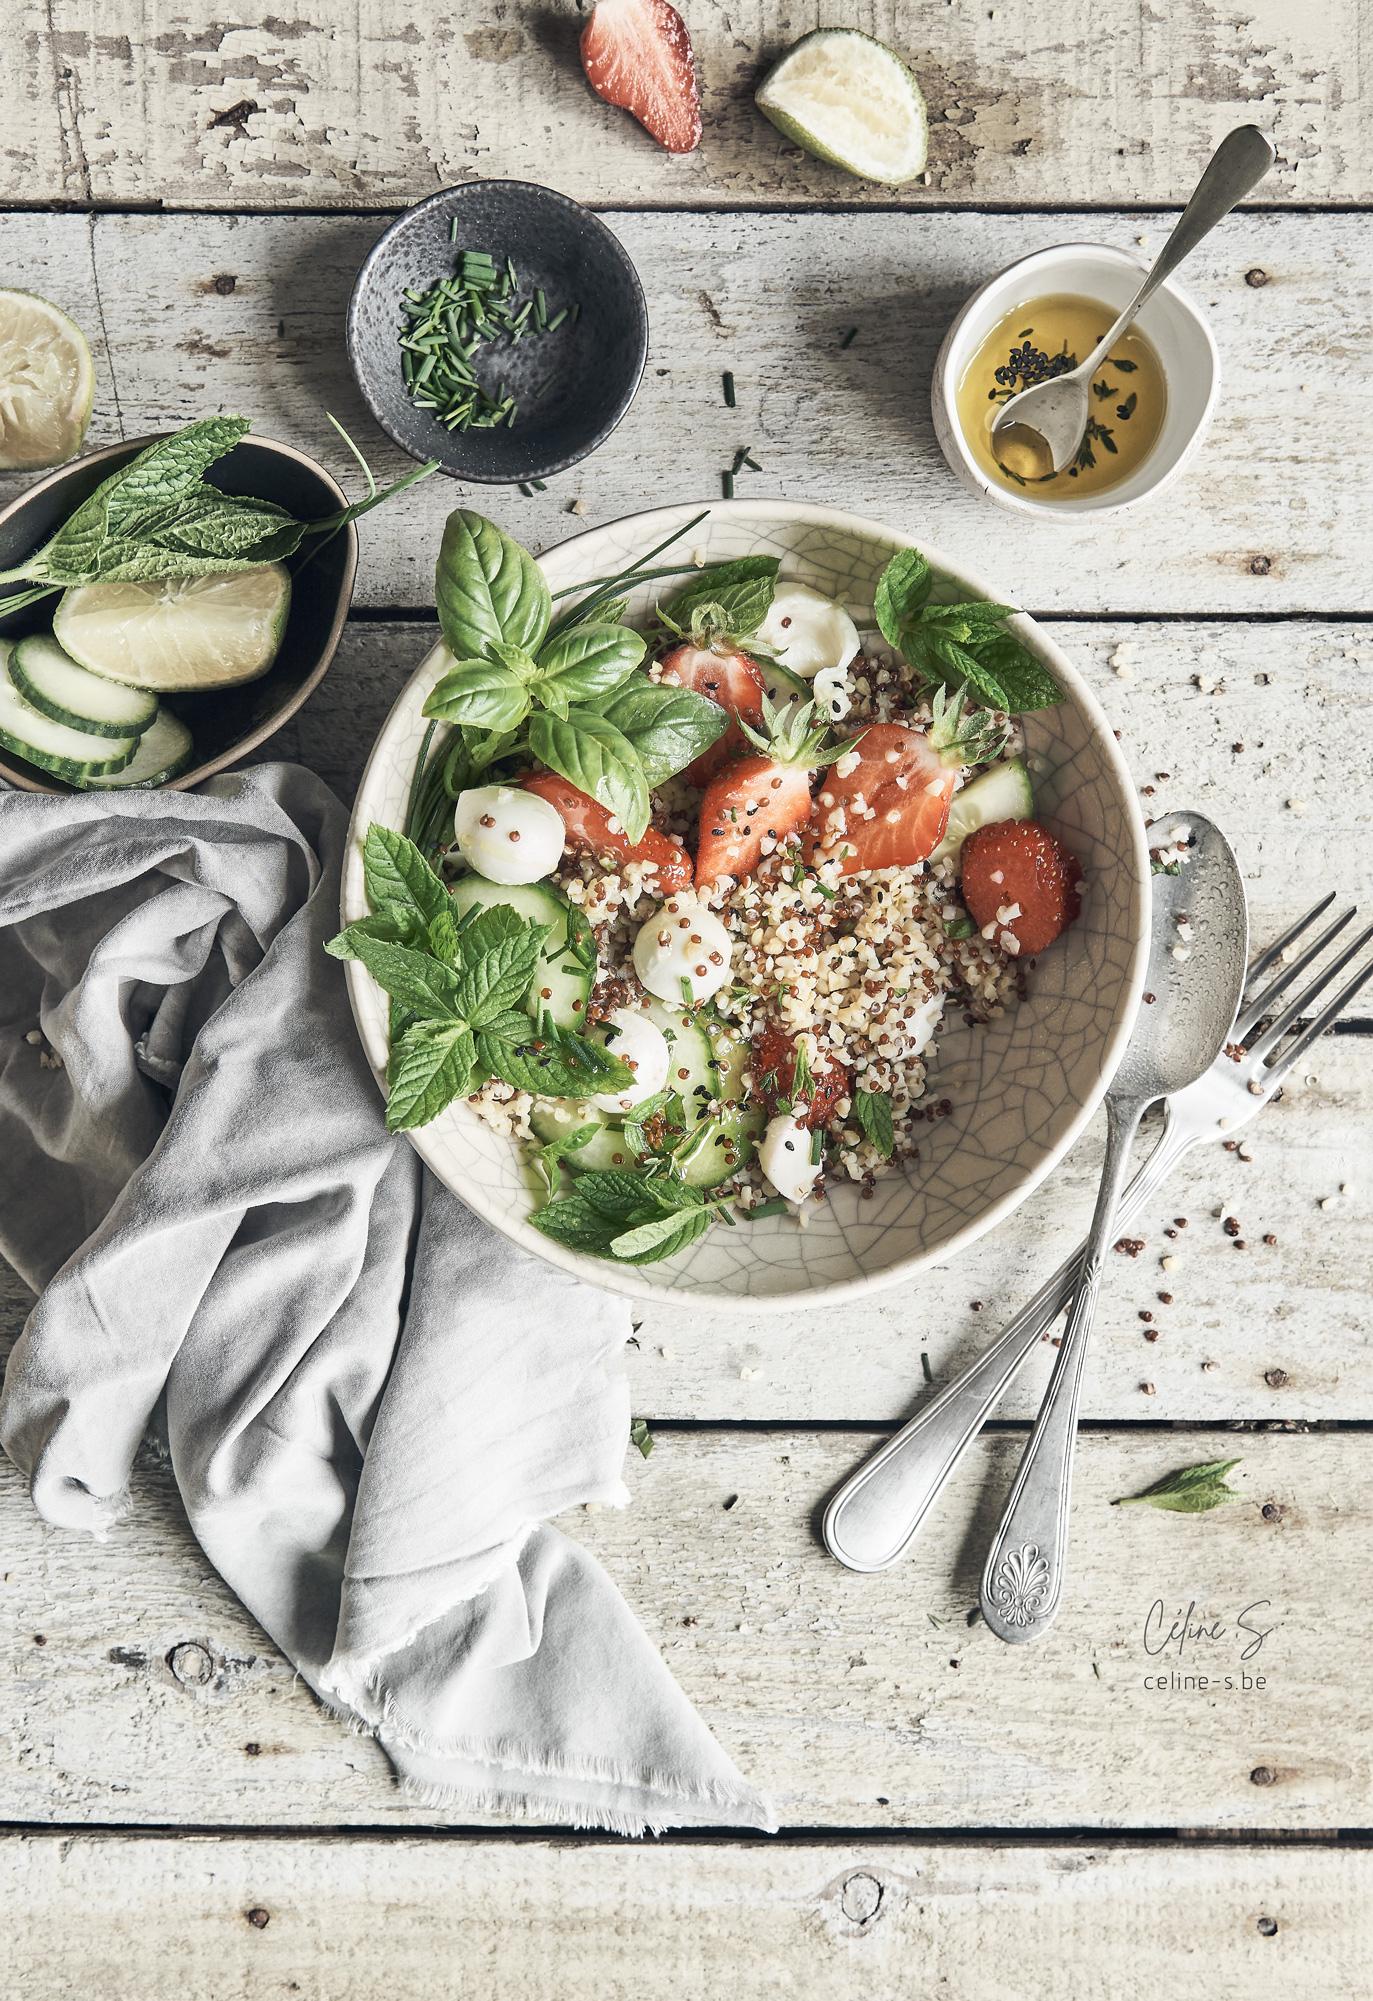 Céline Stiévenard - recette et photo de salade boulgour, fraise, kinoa et mozzarella- styliste culinaire food - création de photo food - Liège, Belgique